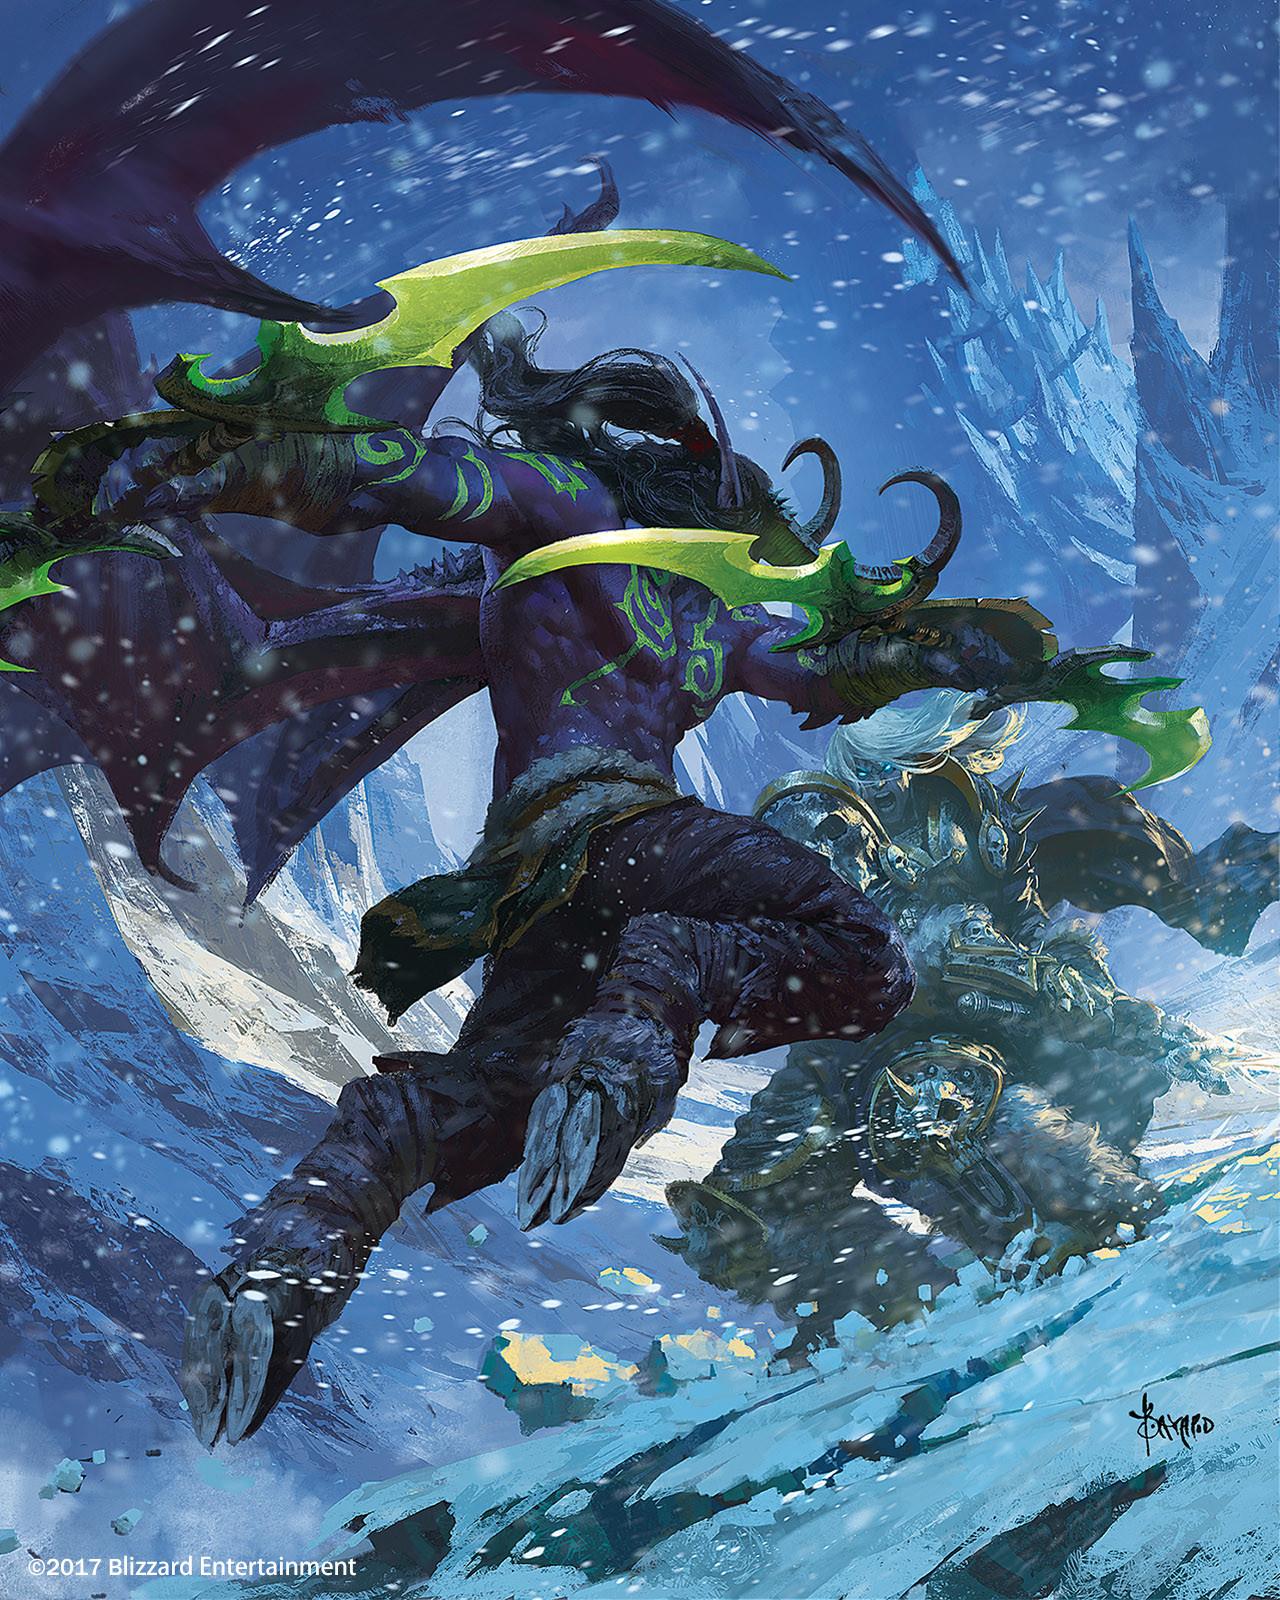 by Bayard Wu - World of Warcraft